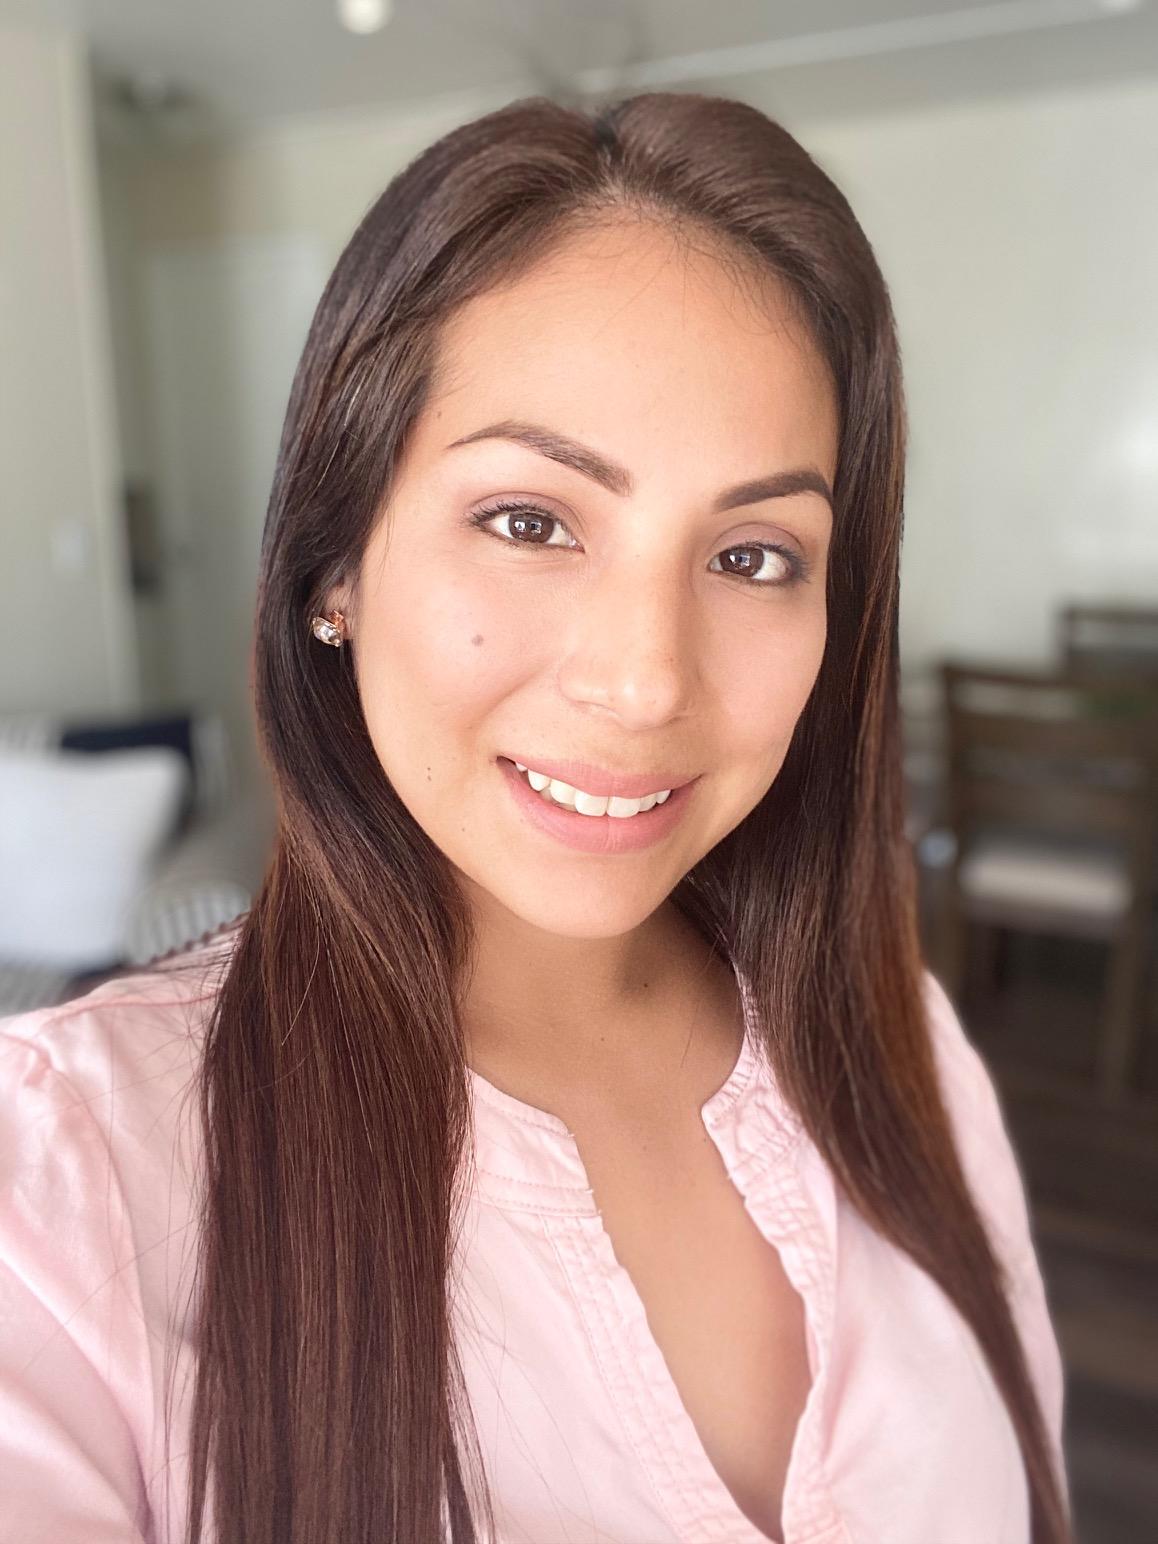 Katherine Avila